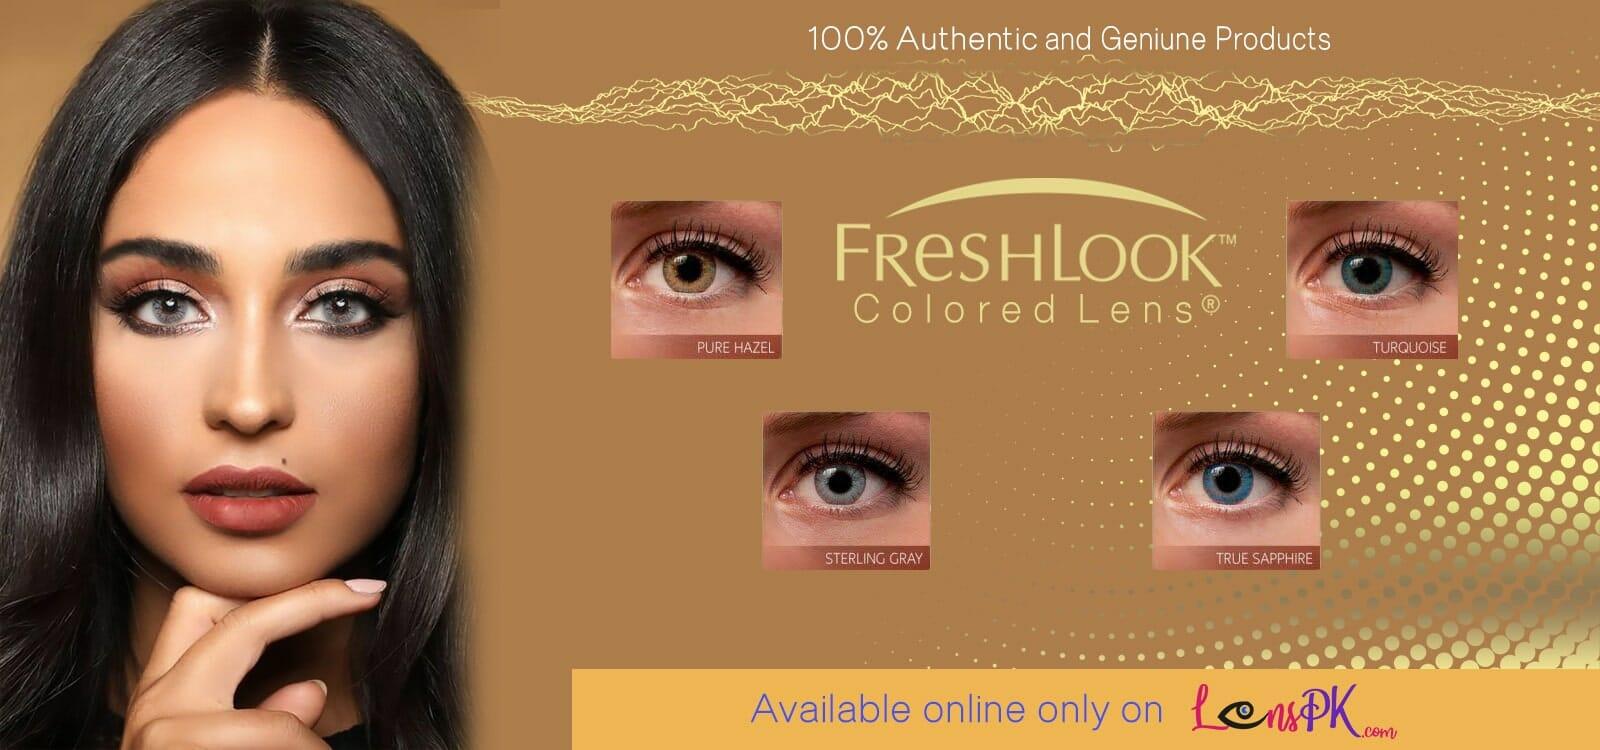 Buy Freshlook Colors Contact Lenses Online - lenspk.com